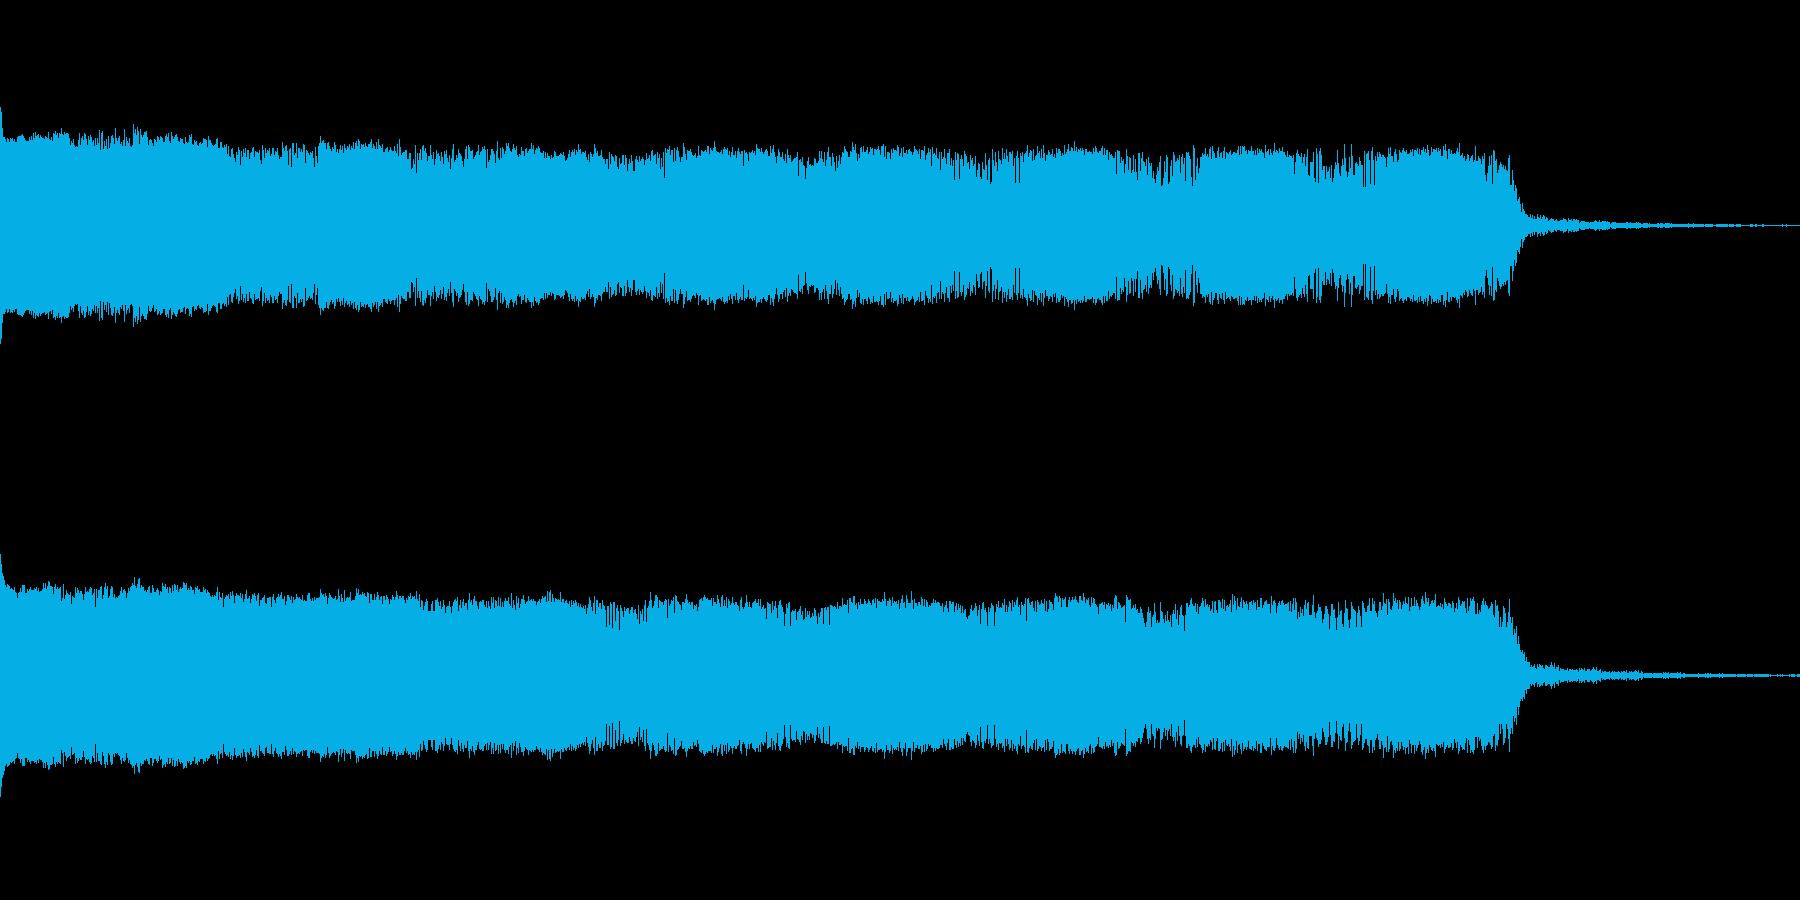 ギュウンギュウン!アラーム音!の再生済みの波形